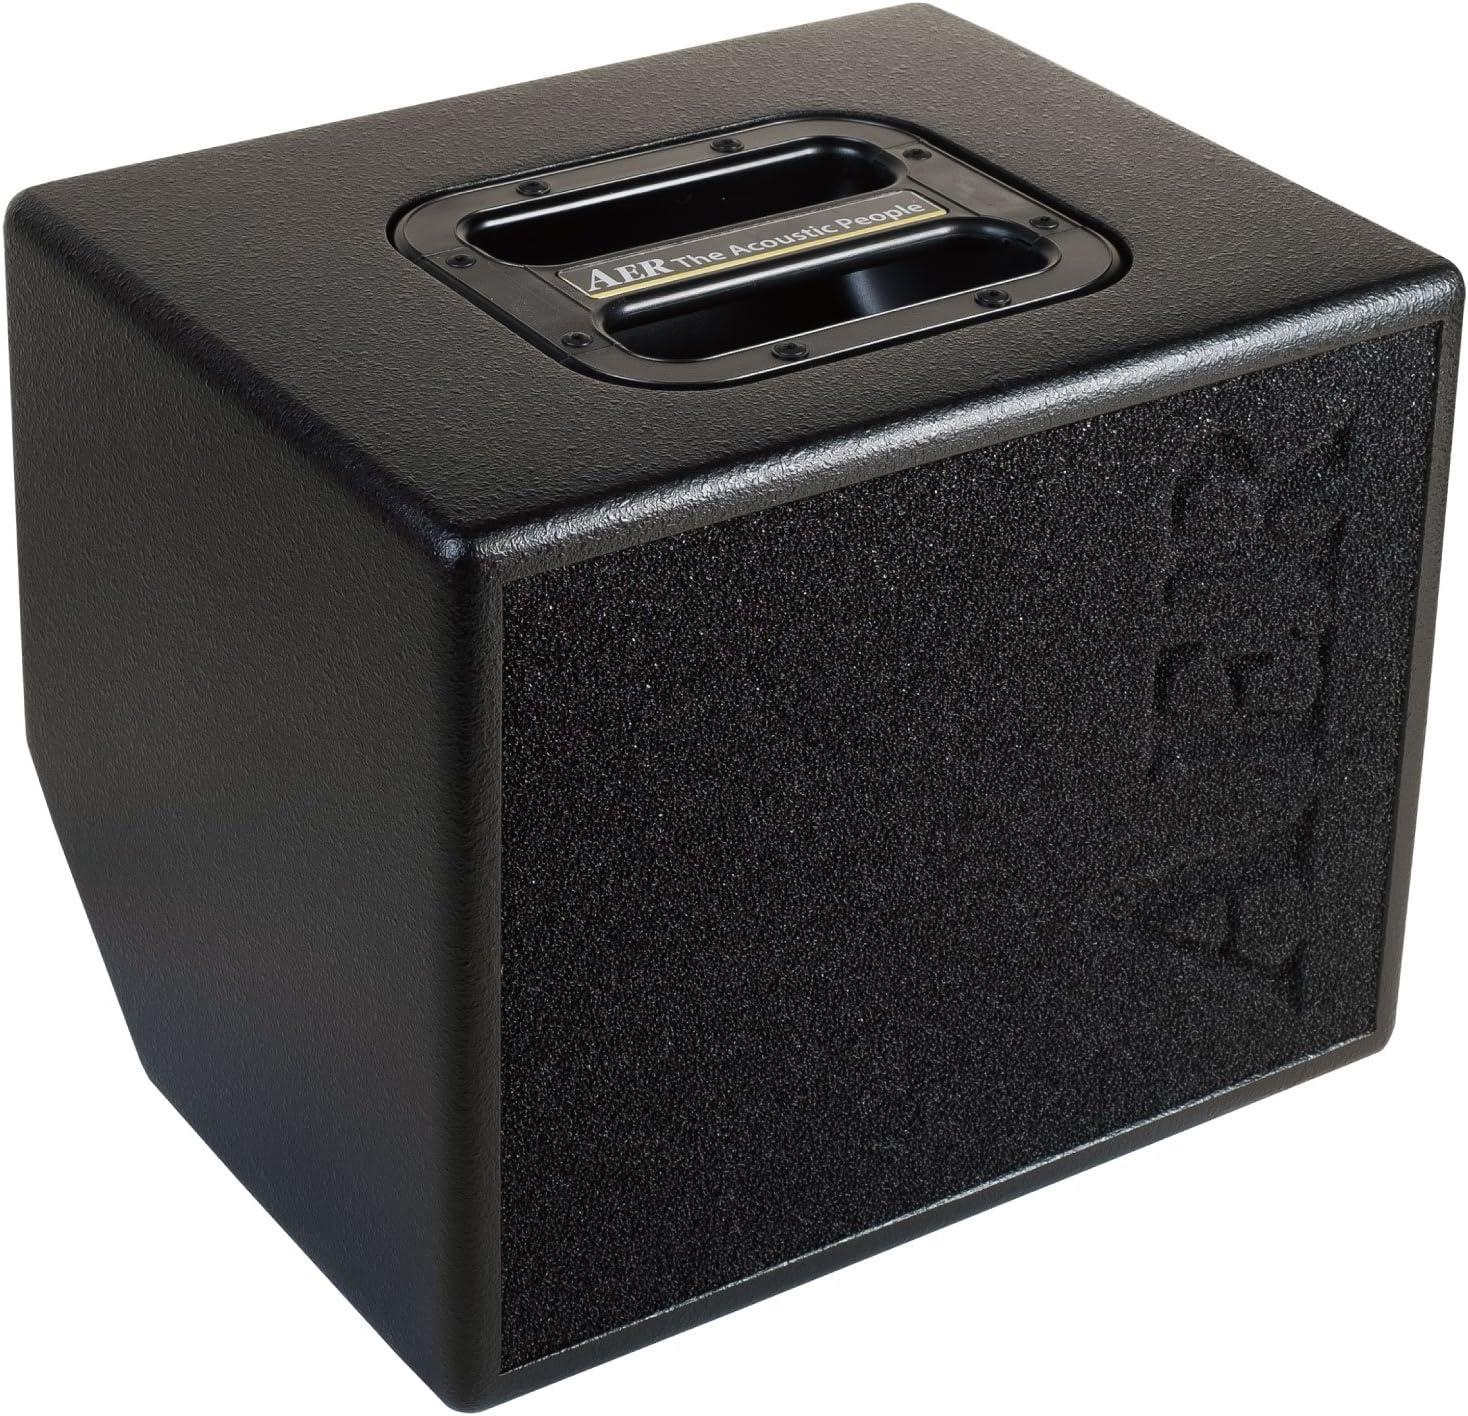 AER Active Monitor Lautsprecher W AG10 10: Amazon.de: Musical